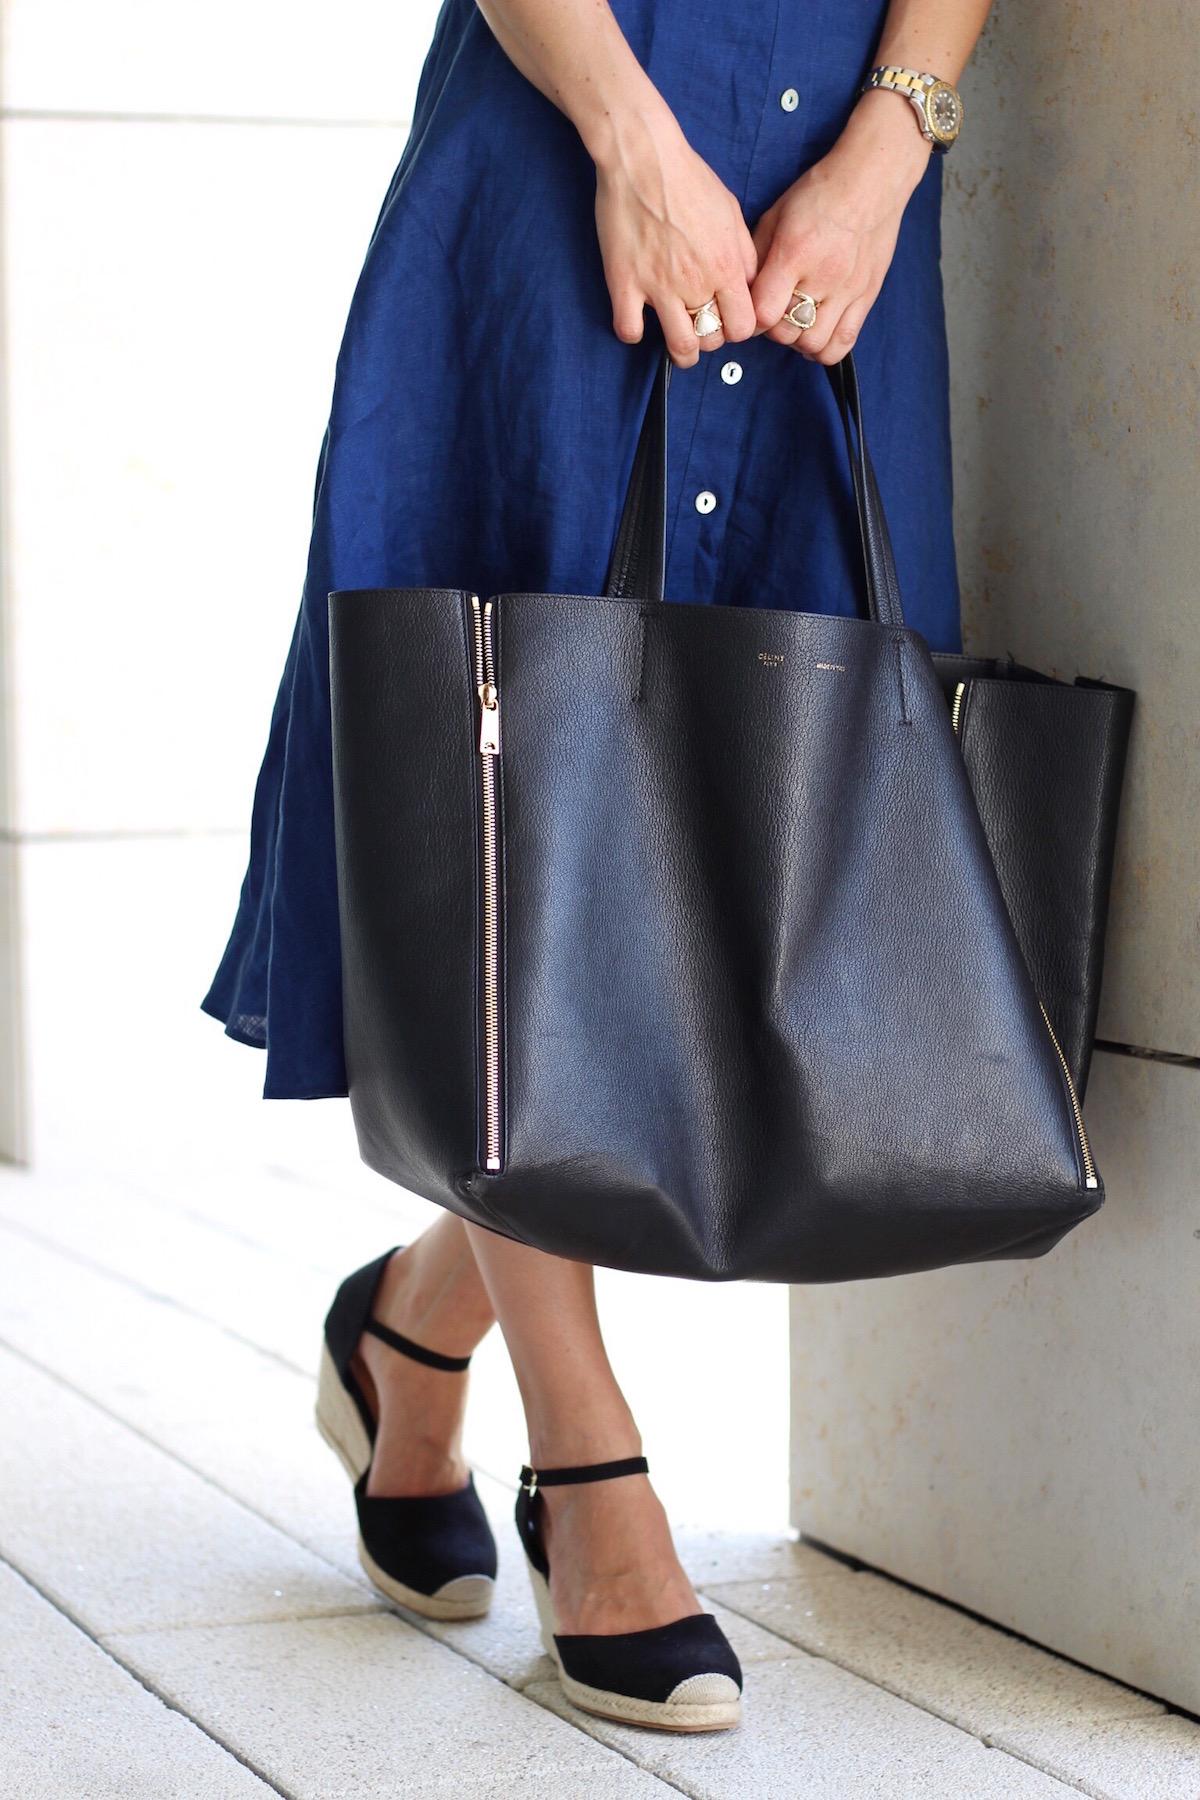 Mein neues Midikleid von Zara mit Cut Outs im heutigen Outfitpost auf meinem Modeblog kombiniert mit Céline Cabas Bag